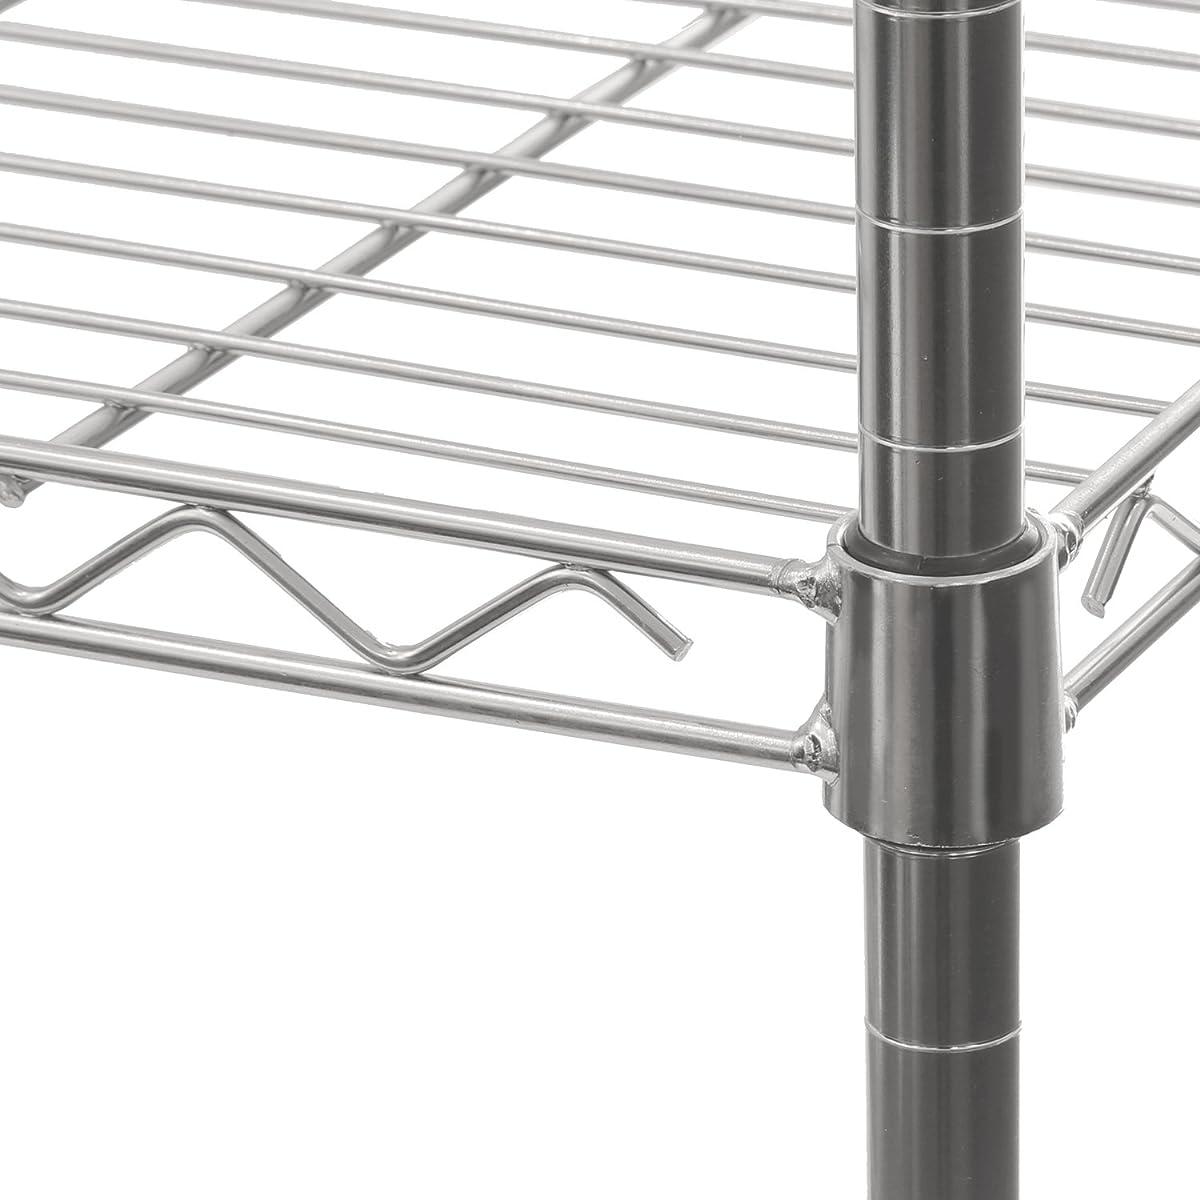 """Seville Classics 5-Tier UltraZinc Steel Wire Shelving /w Wheels, 14"""" D x 30"""" W x60"""" H"""